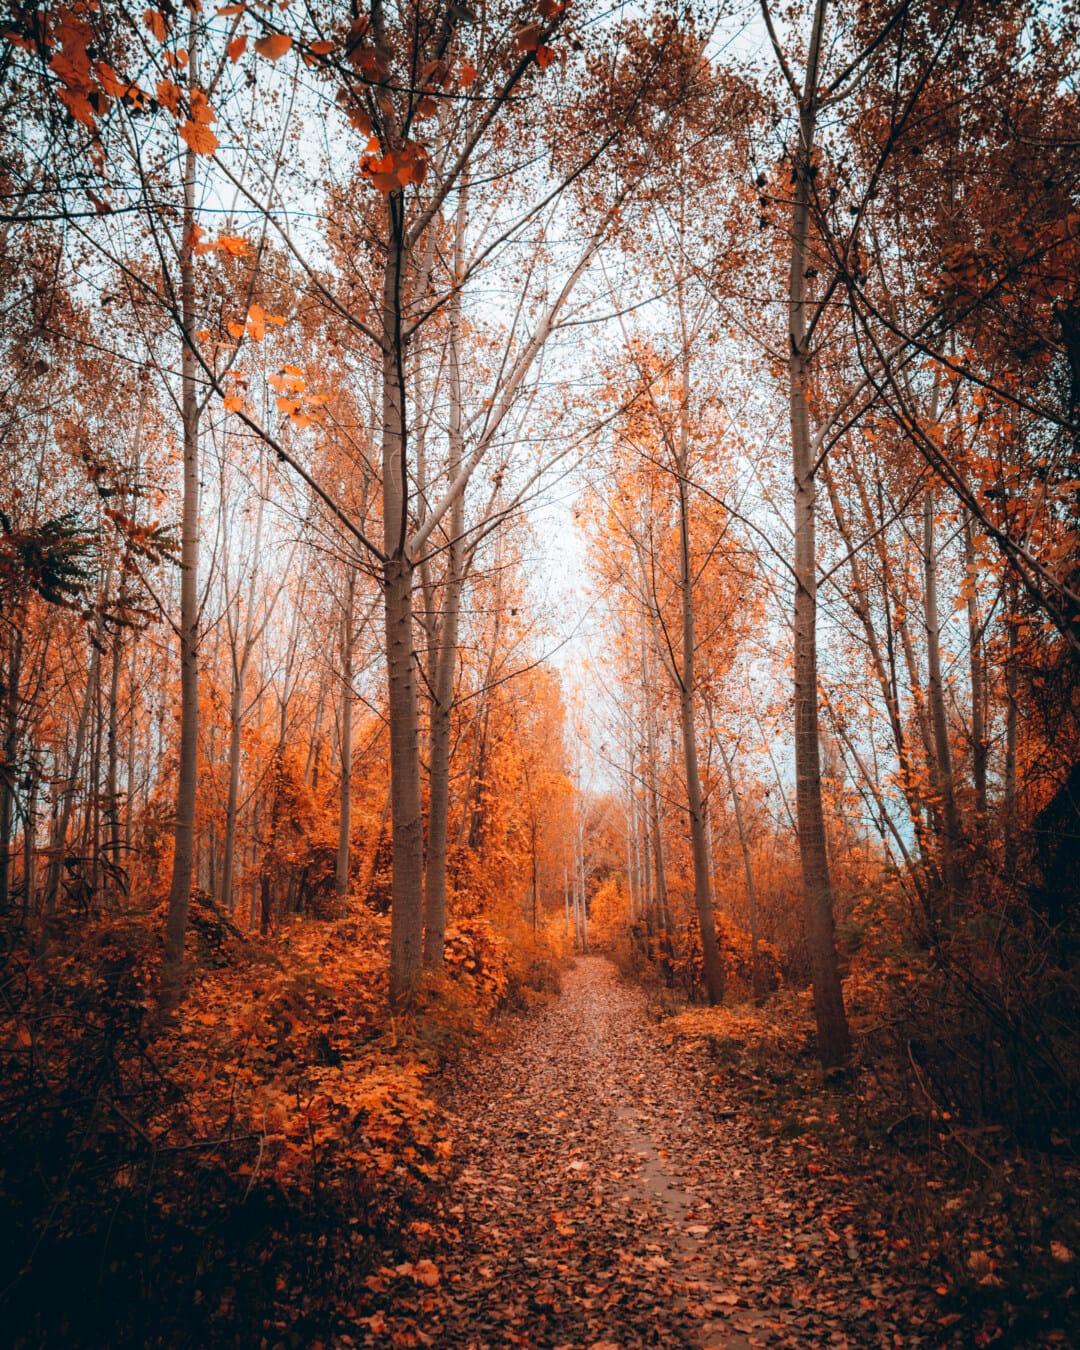 Birke, Bäume, Herbst, Struktur, Holz, Wald, Landschaft, Blatt, Dämmerung, Nebel